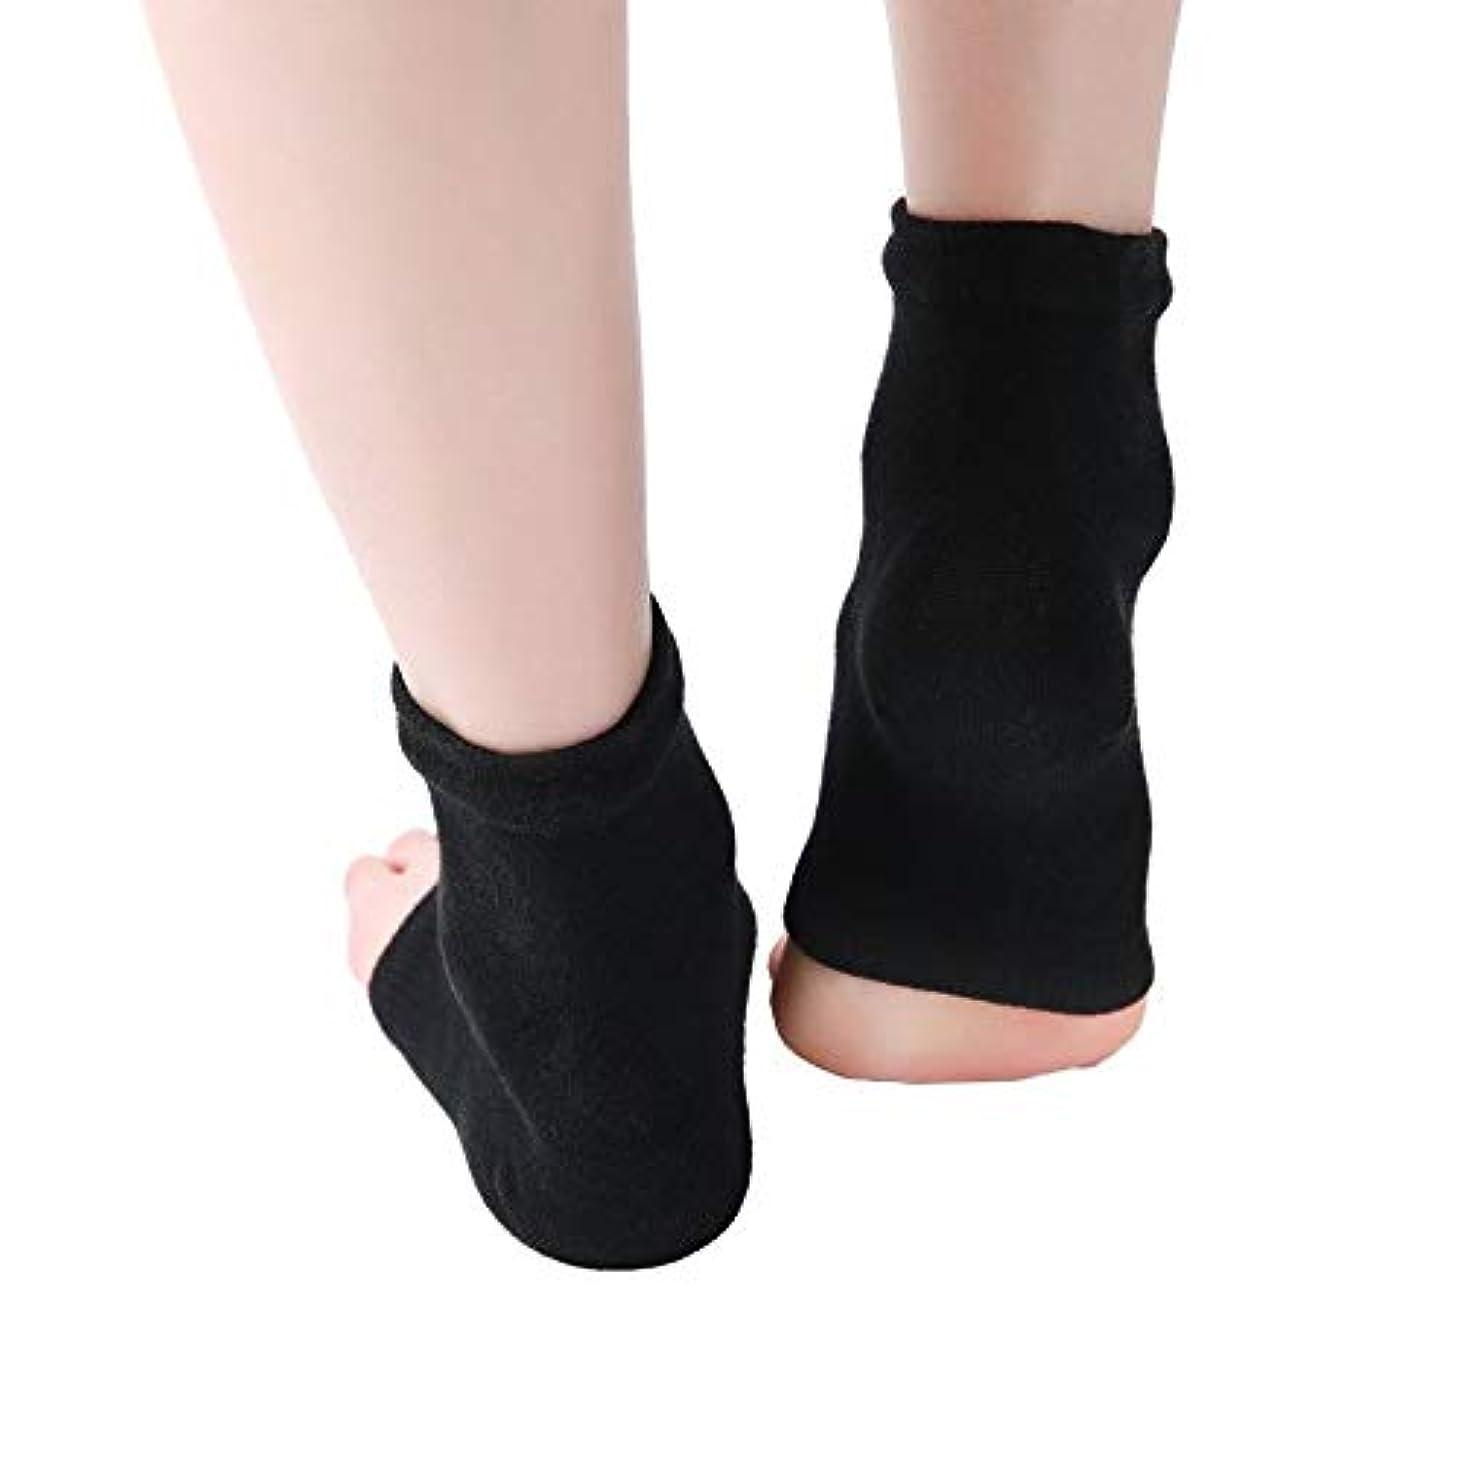 マスクレモンアンプ1ペア/セットジェルヒールソックス保湿スパジェルソックス足のケアひびの入った足乾燥ハードスキンプロテクターソックス